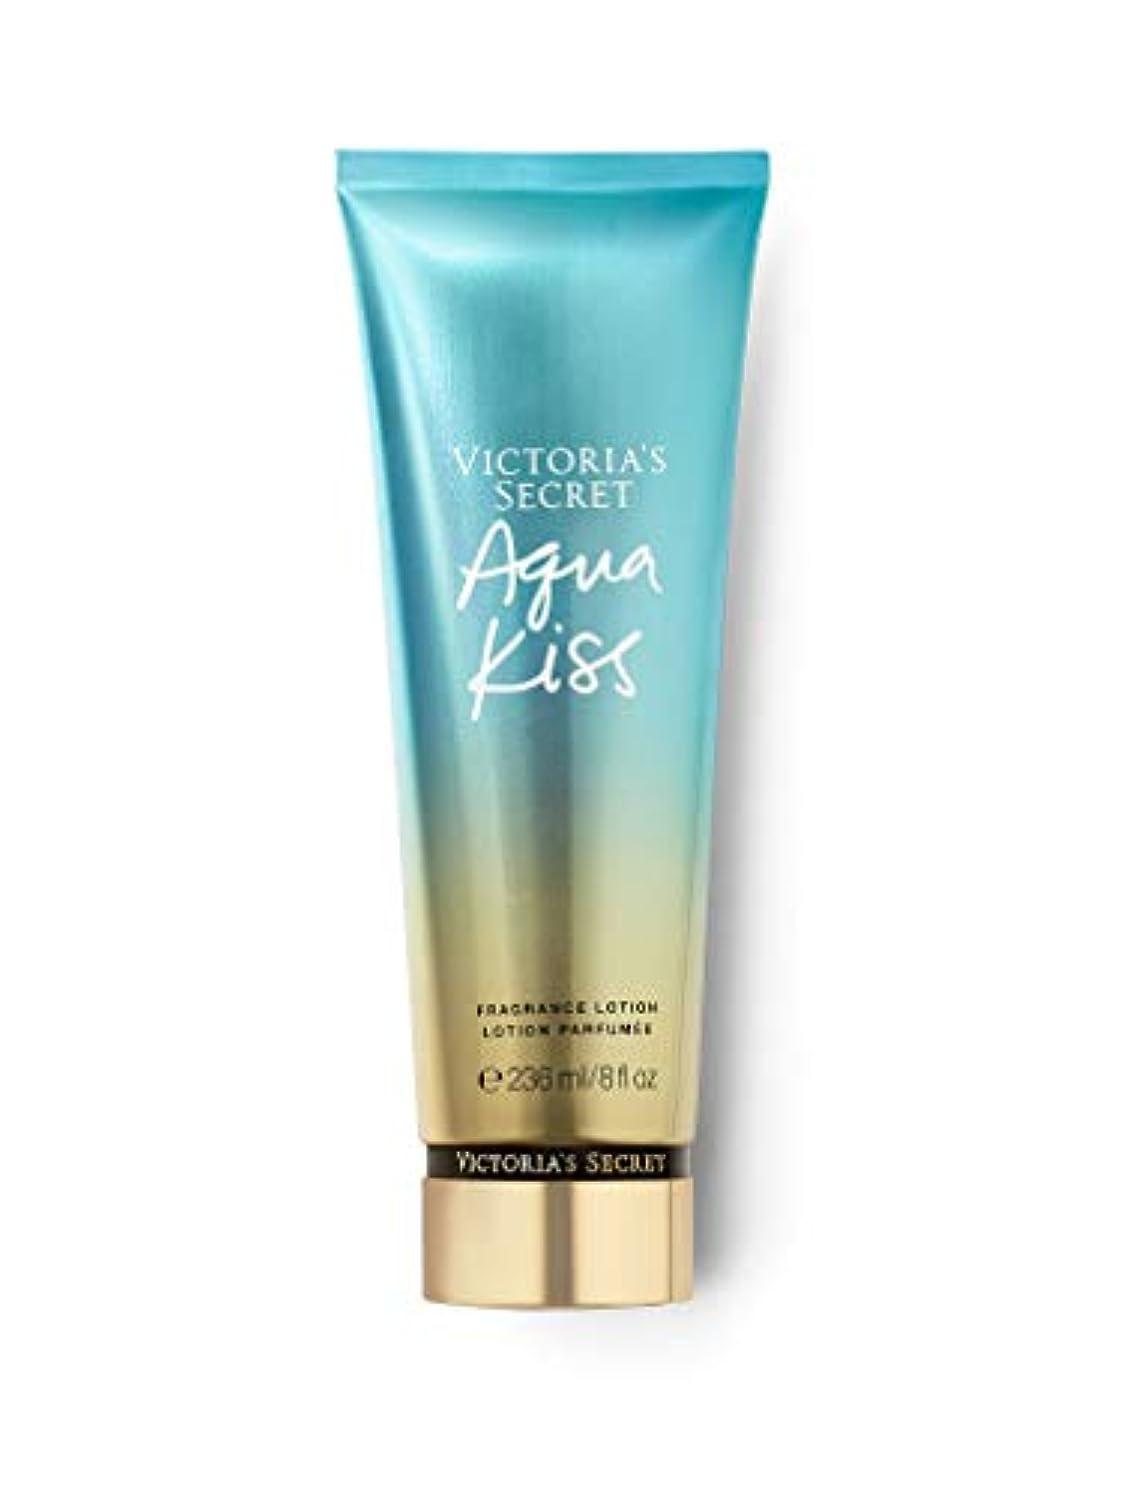 漂流基礎理論粗いアクアキス フレグランスローション ( 96F-Aqua Kiss ) VICTORIA'S SECRET ヴィクトリアシークレット/ビクトリアシークレット [並行輸入品]